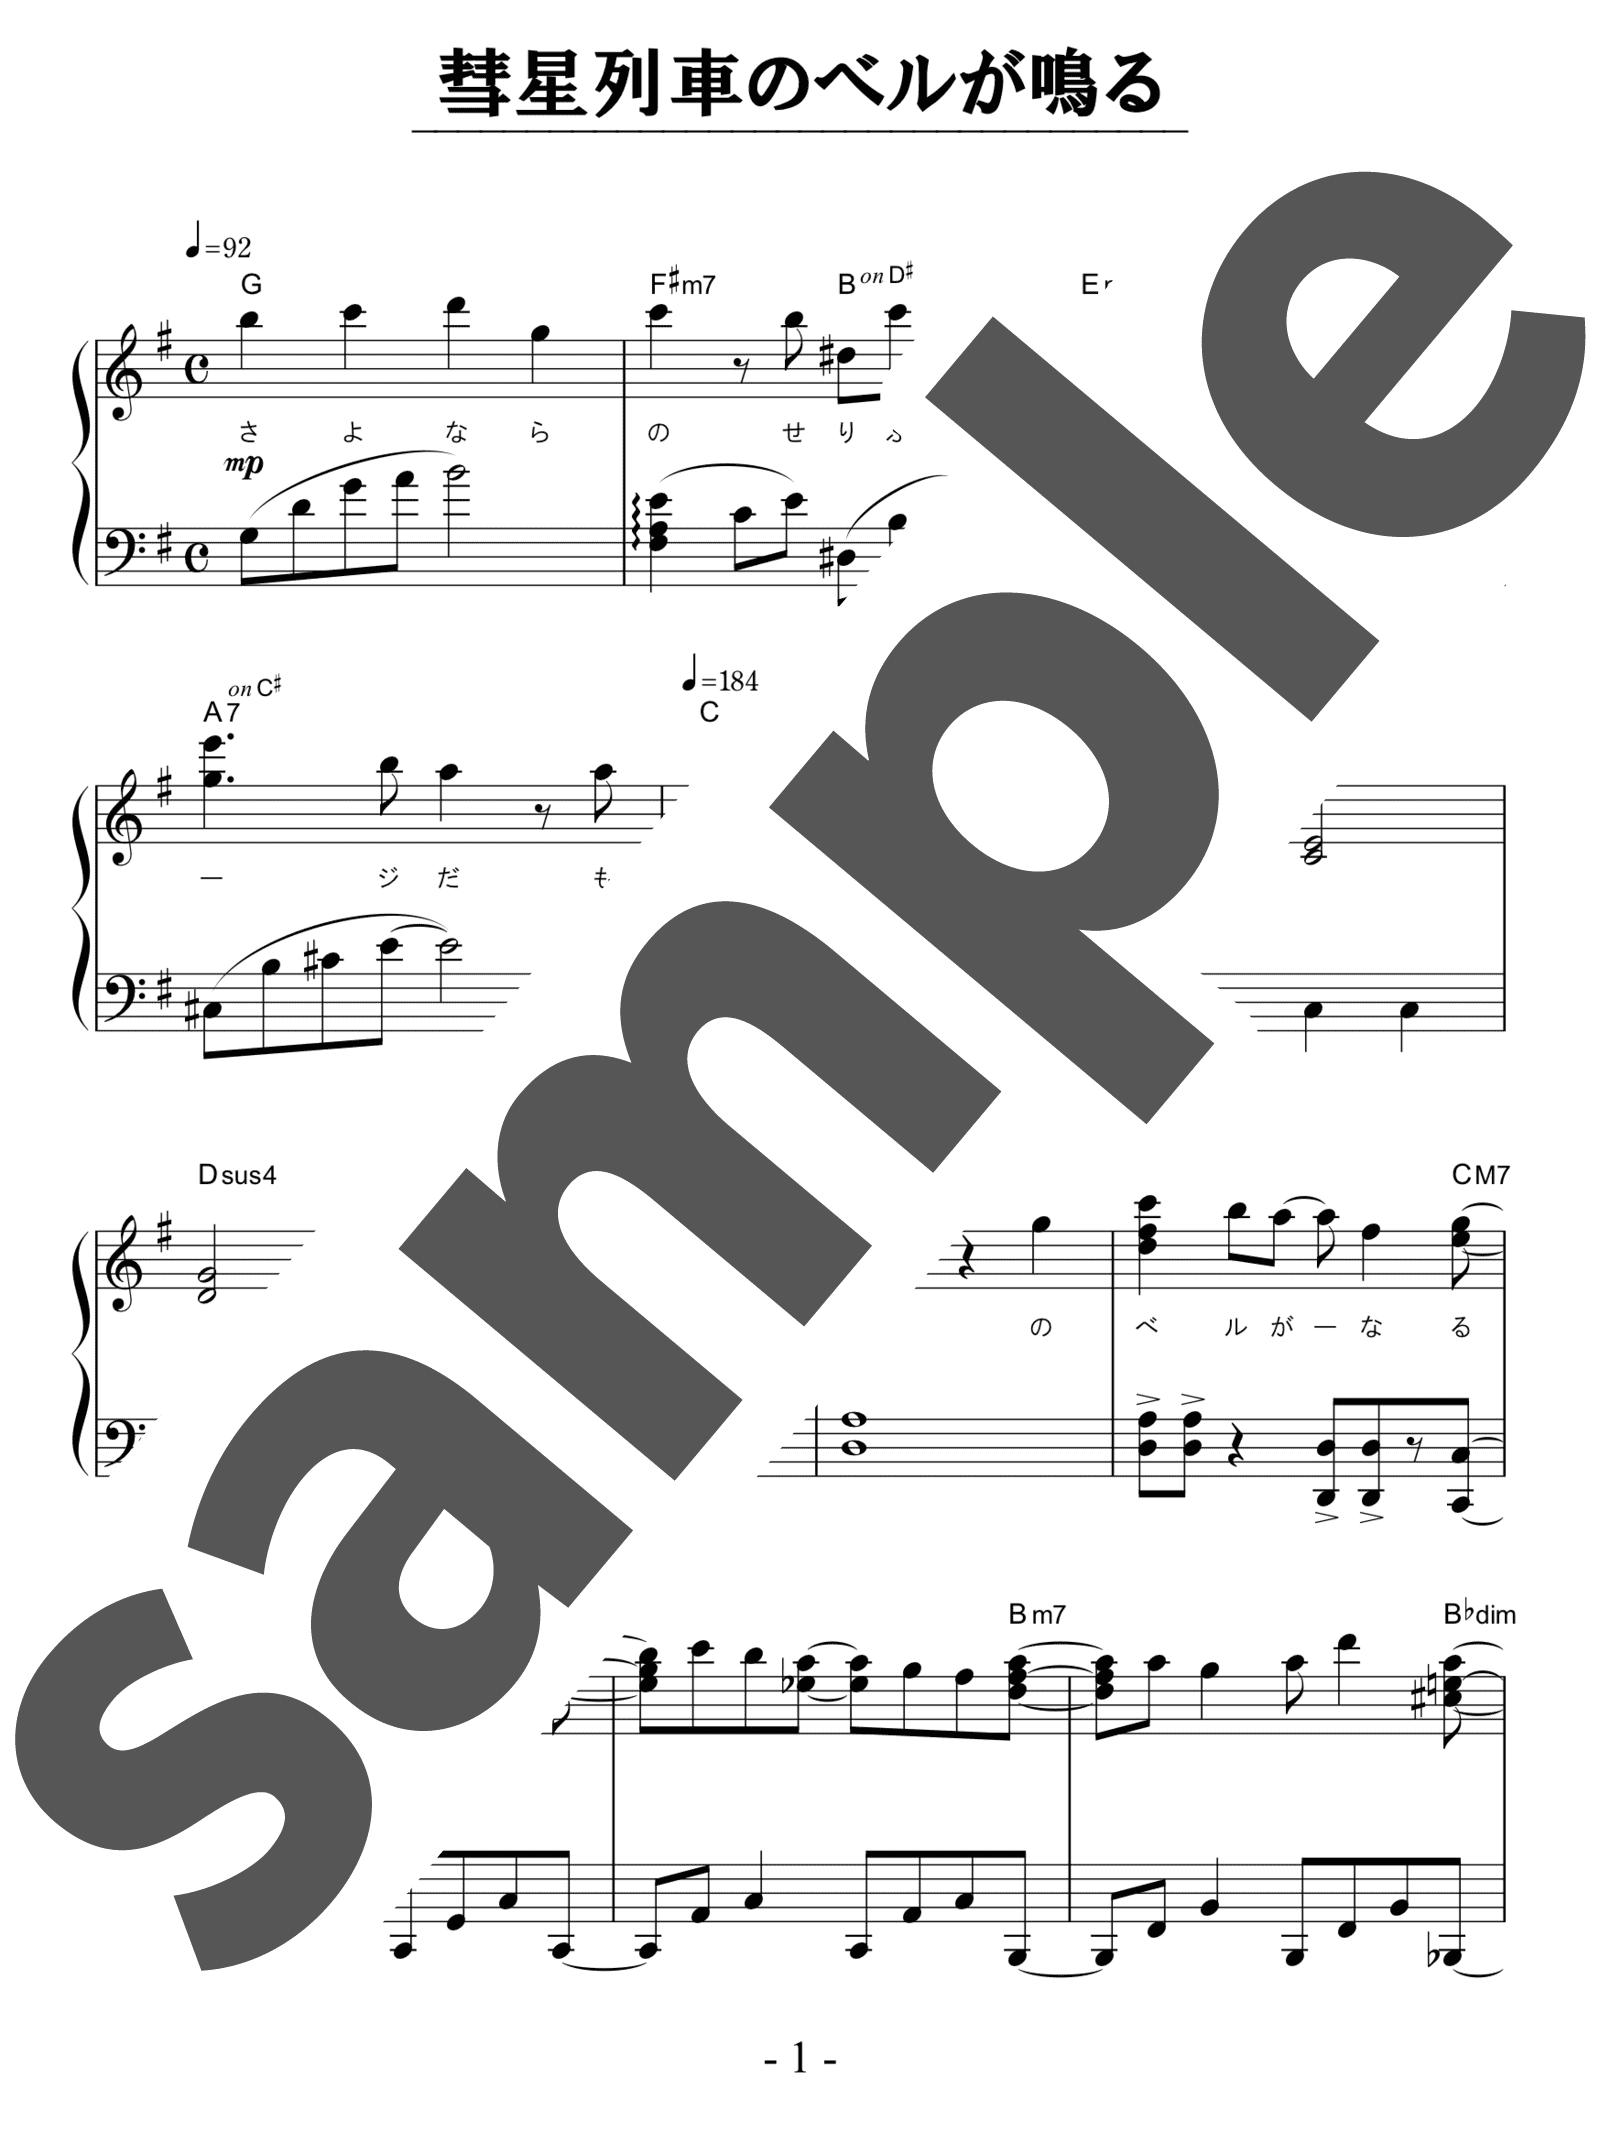 「彗星列車のベルが鳴る」のサンプル楽譜